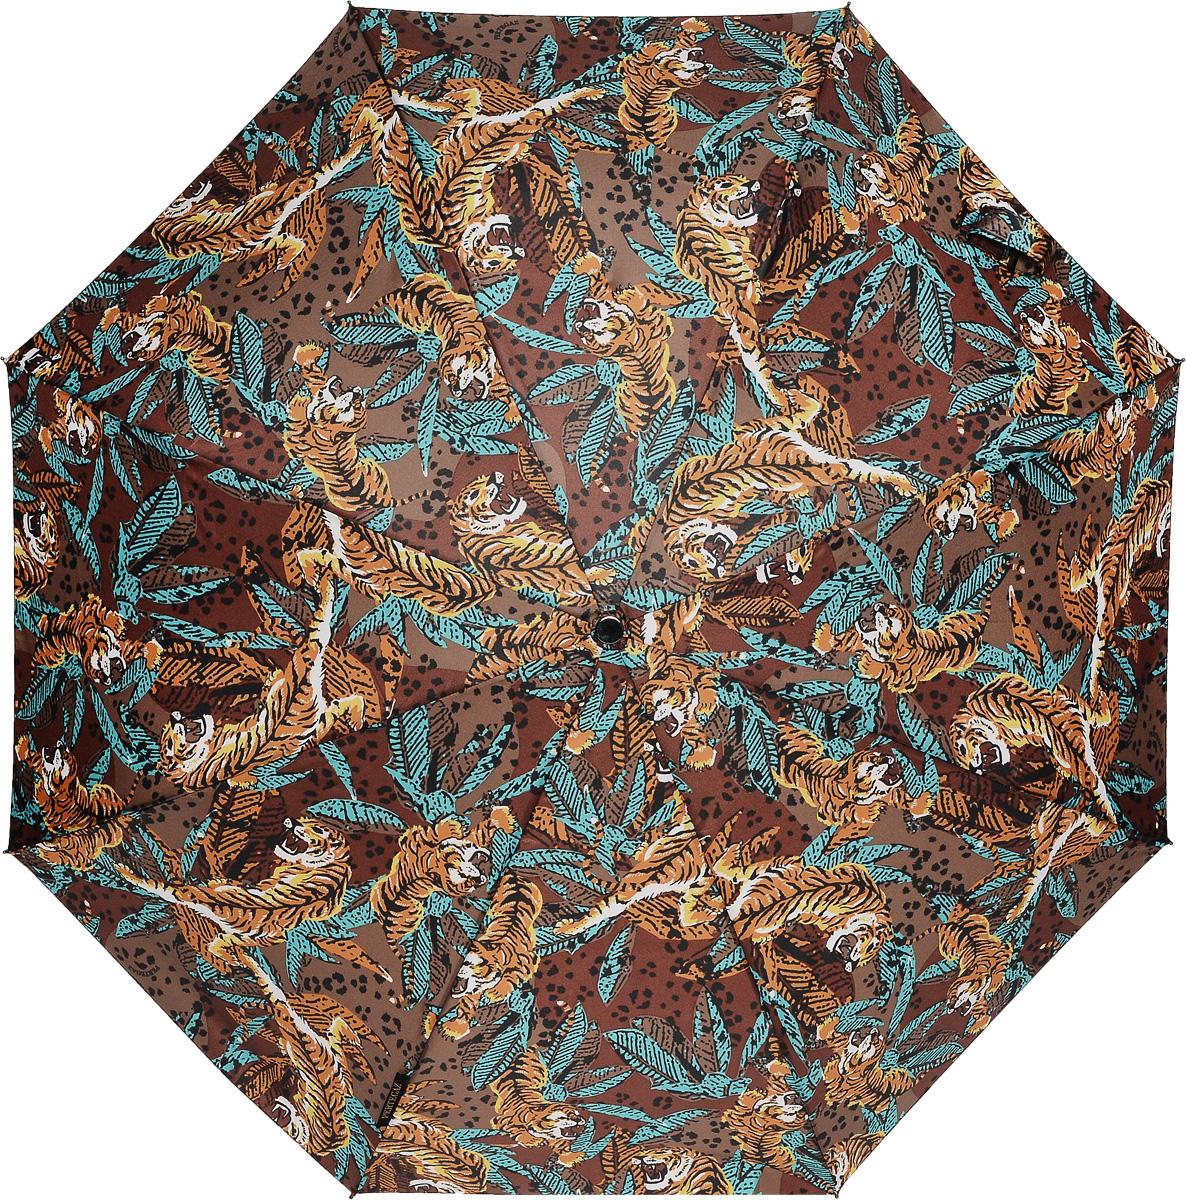 PERTEGAZ 85155-2 Зонт полный автом. 3 сл. жен.REM12-CAM-GREENBLACKЗонт испанского производителя Clima. В производстве зонтов используются современные материалы, что делает зонты легкими, но в то же время крепкими.Полный автомат, 3 сложения, 8 спиц, полиэстер.